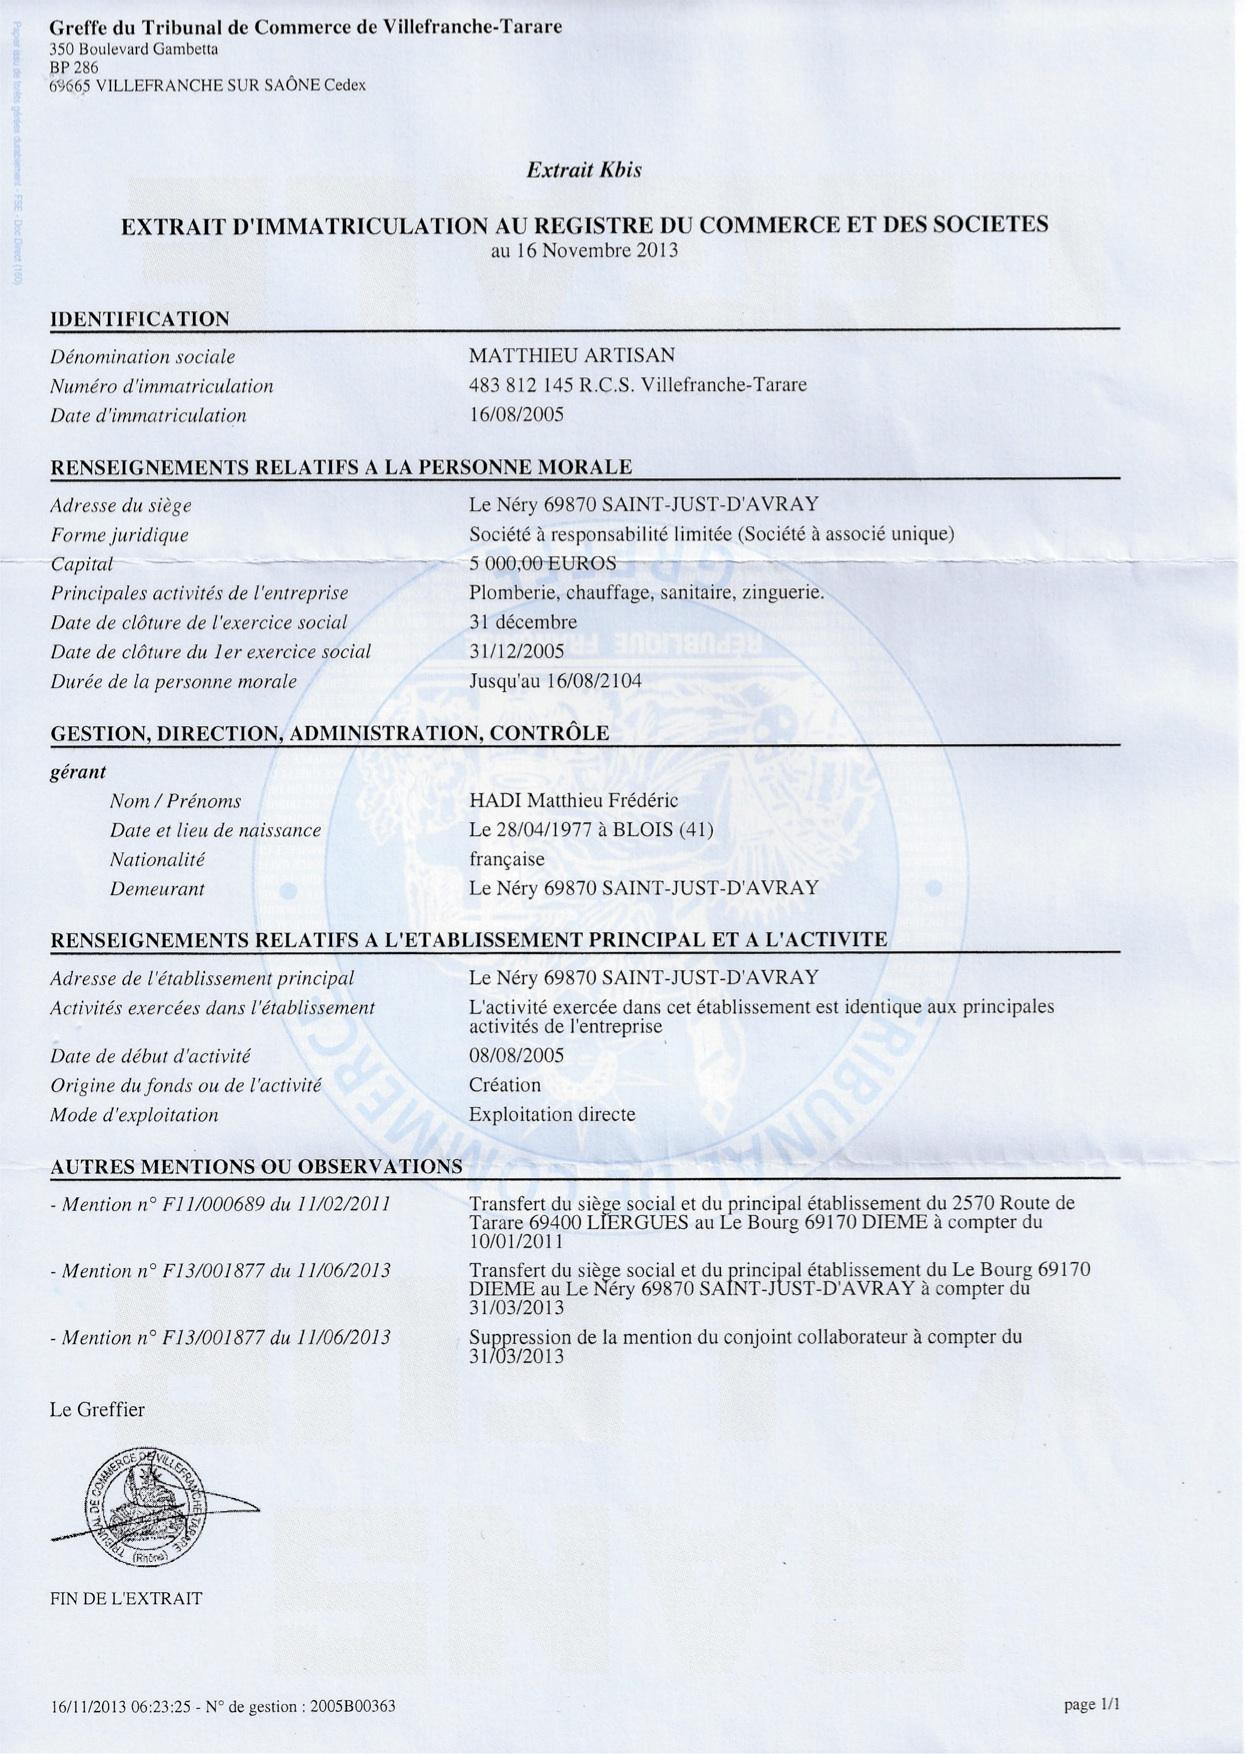 Notre Structure Juridique Et Assurances MATTHIEU ARTISAN